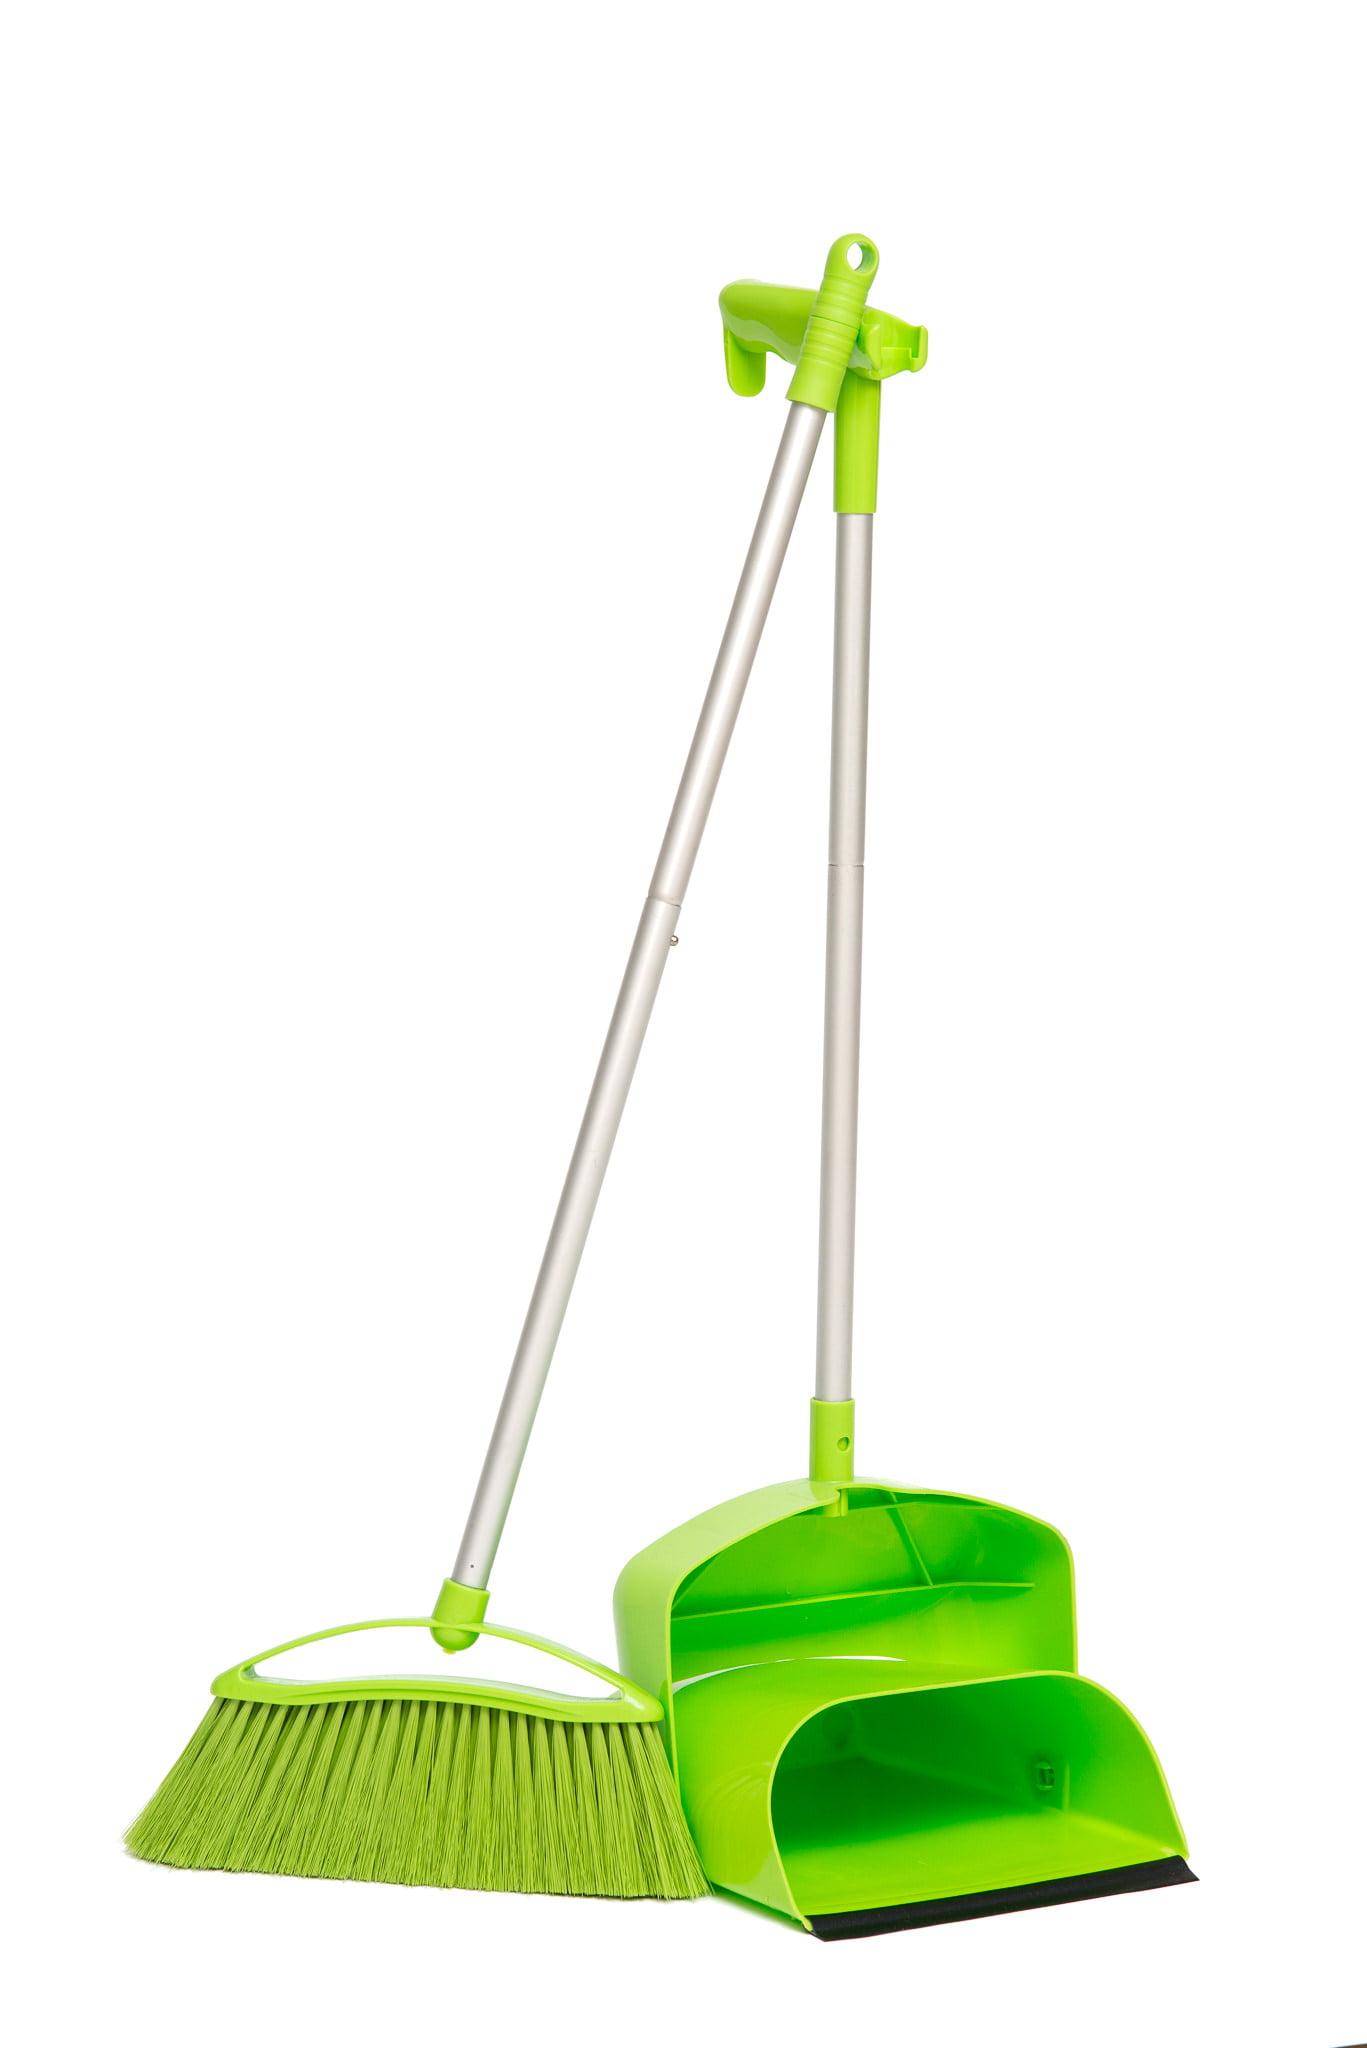 PortoTrash: The Foldable Dustpan and Broom Set by PortoTrash